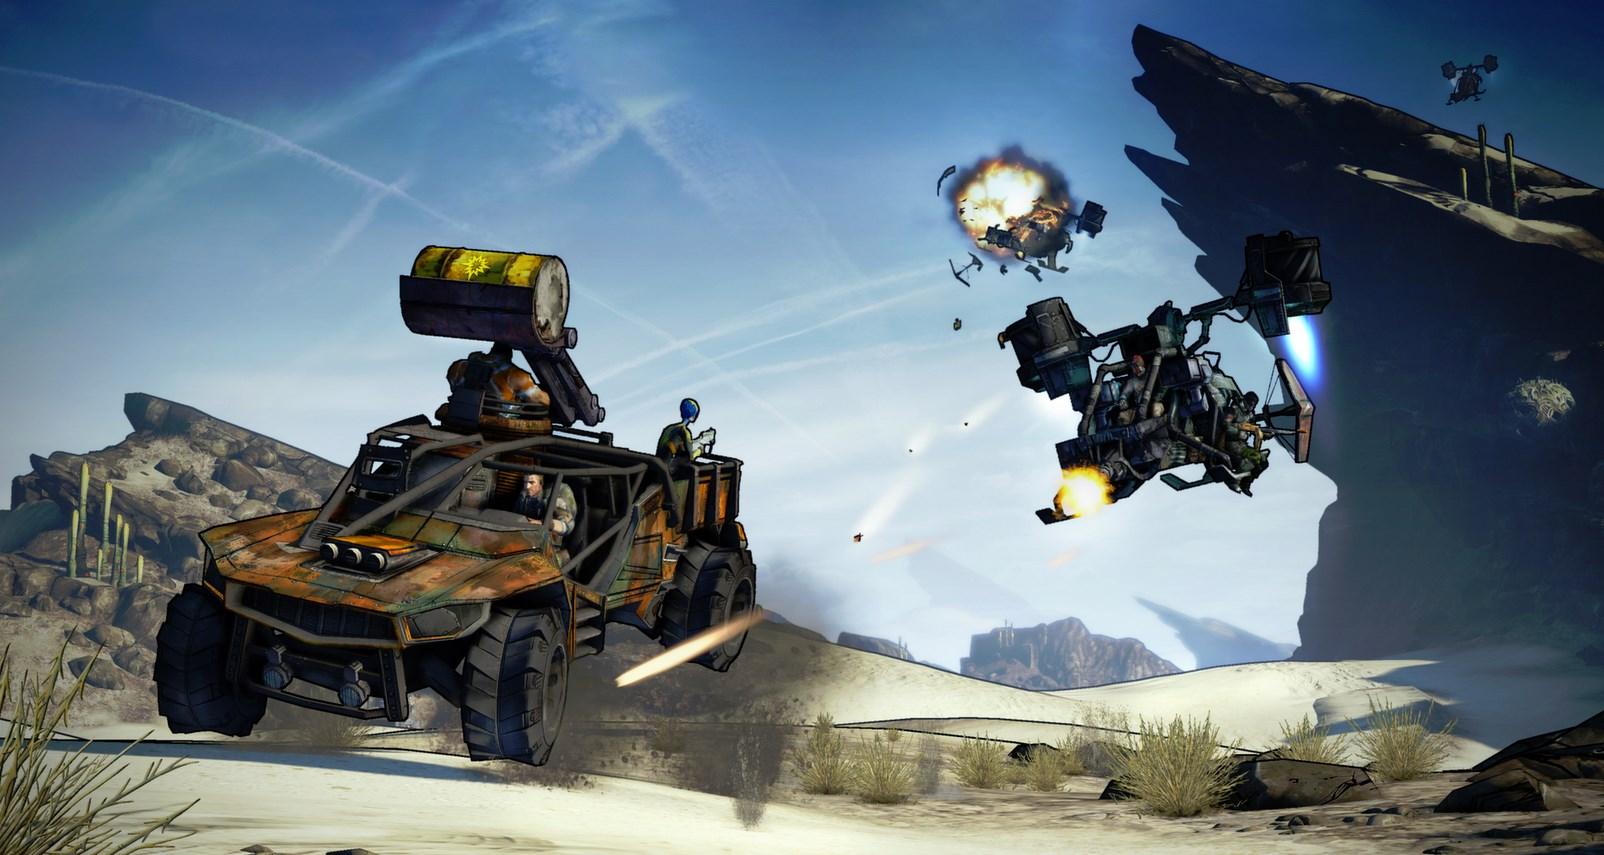 Os veículos aumentam a adrenalina das missões